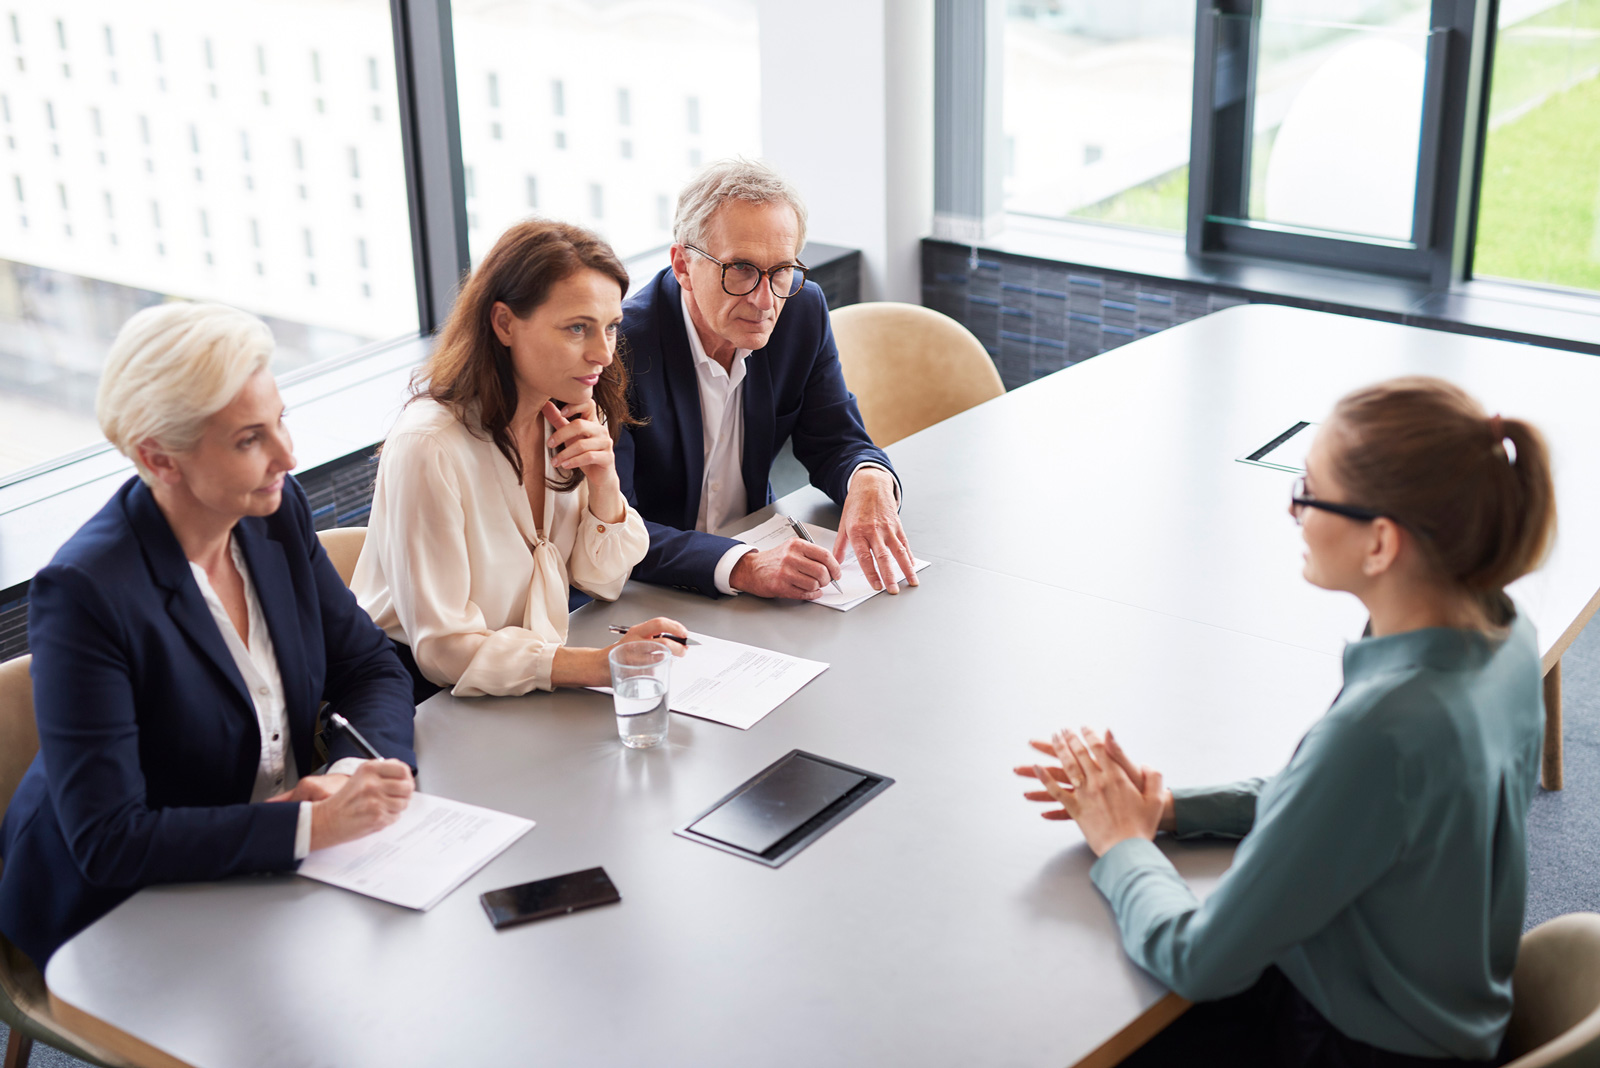 Bewerbungsgespräch: Passt das Unternehmen zu den Karrierezielen?